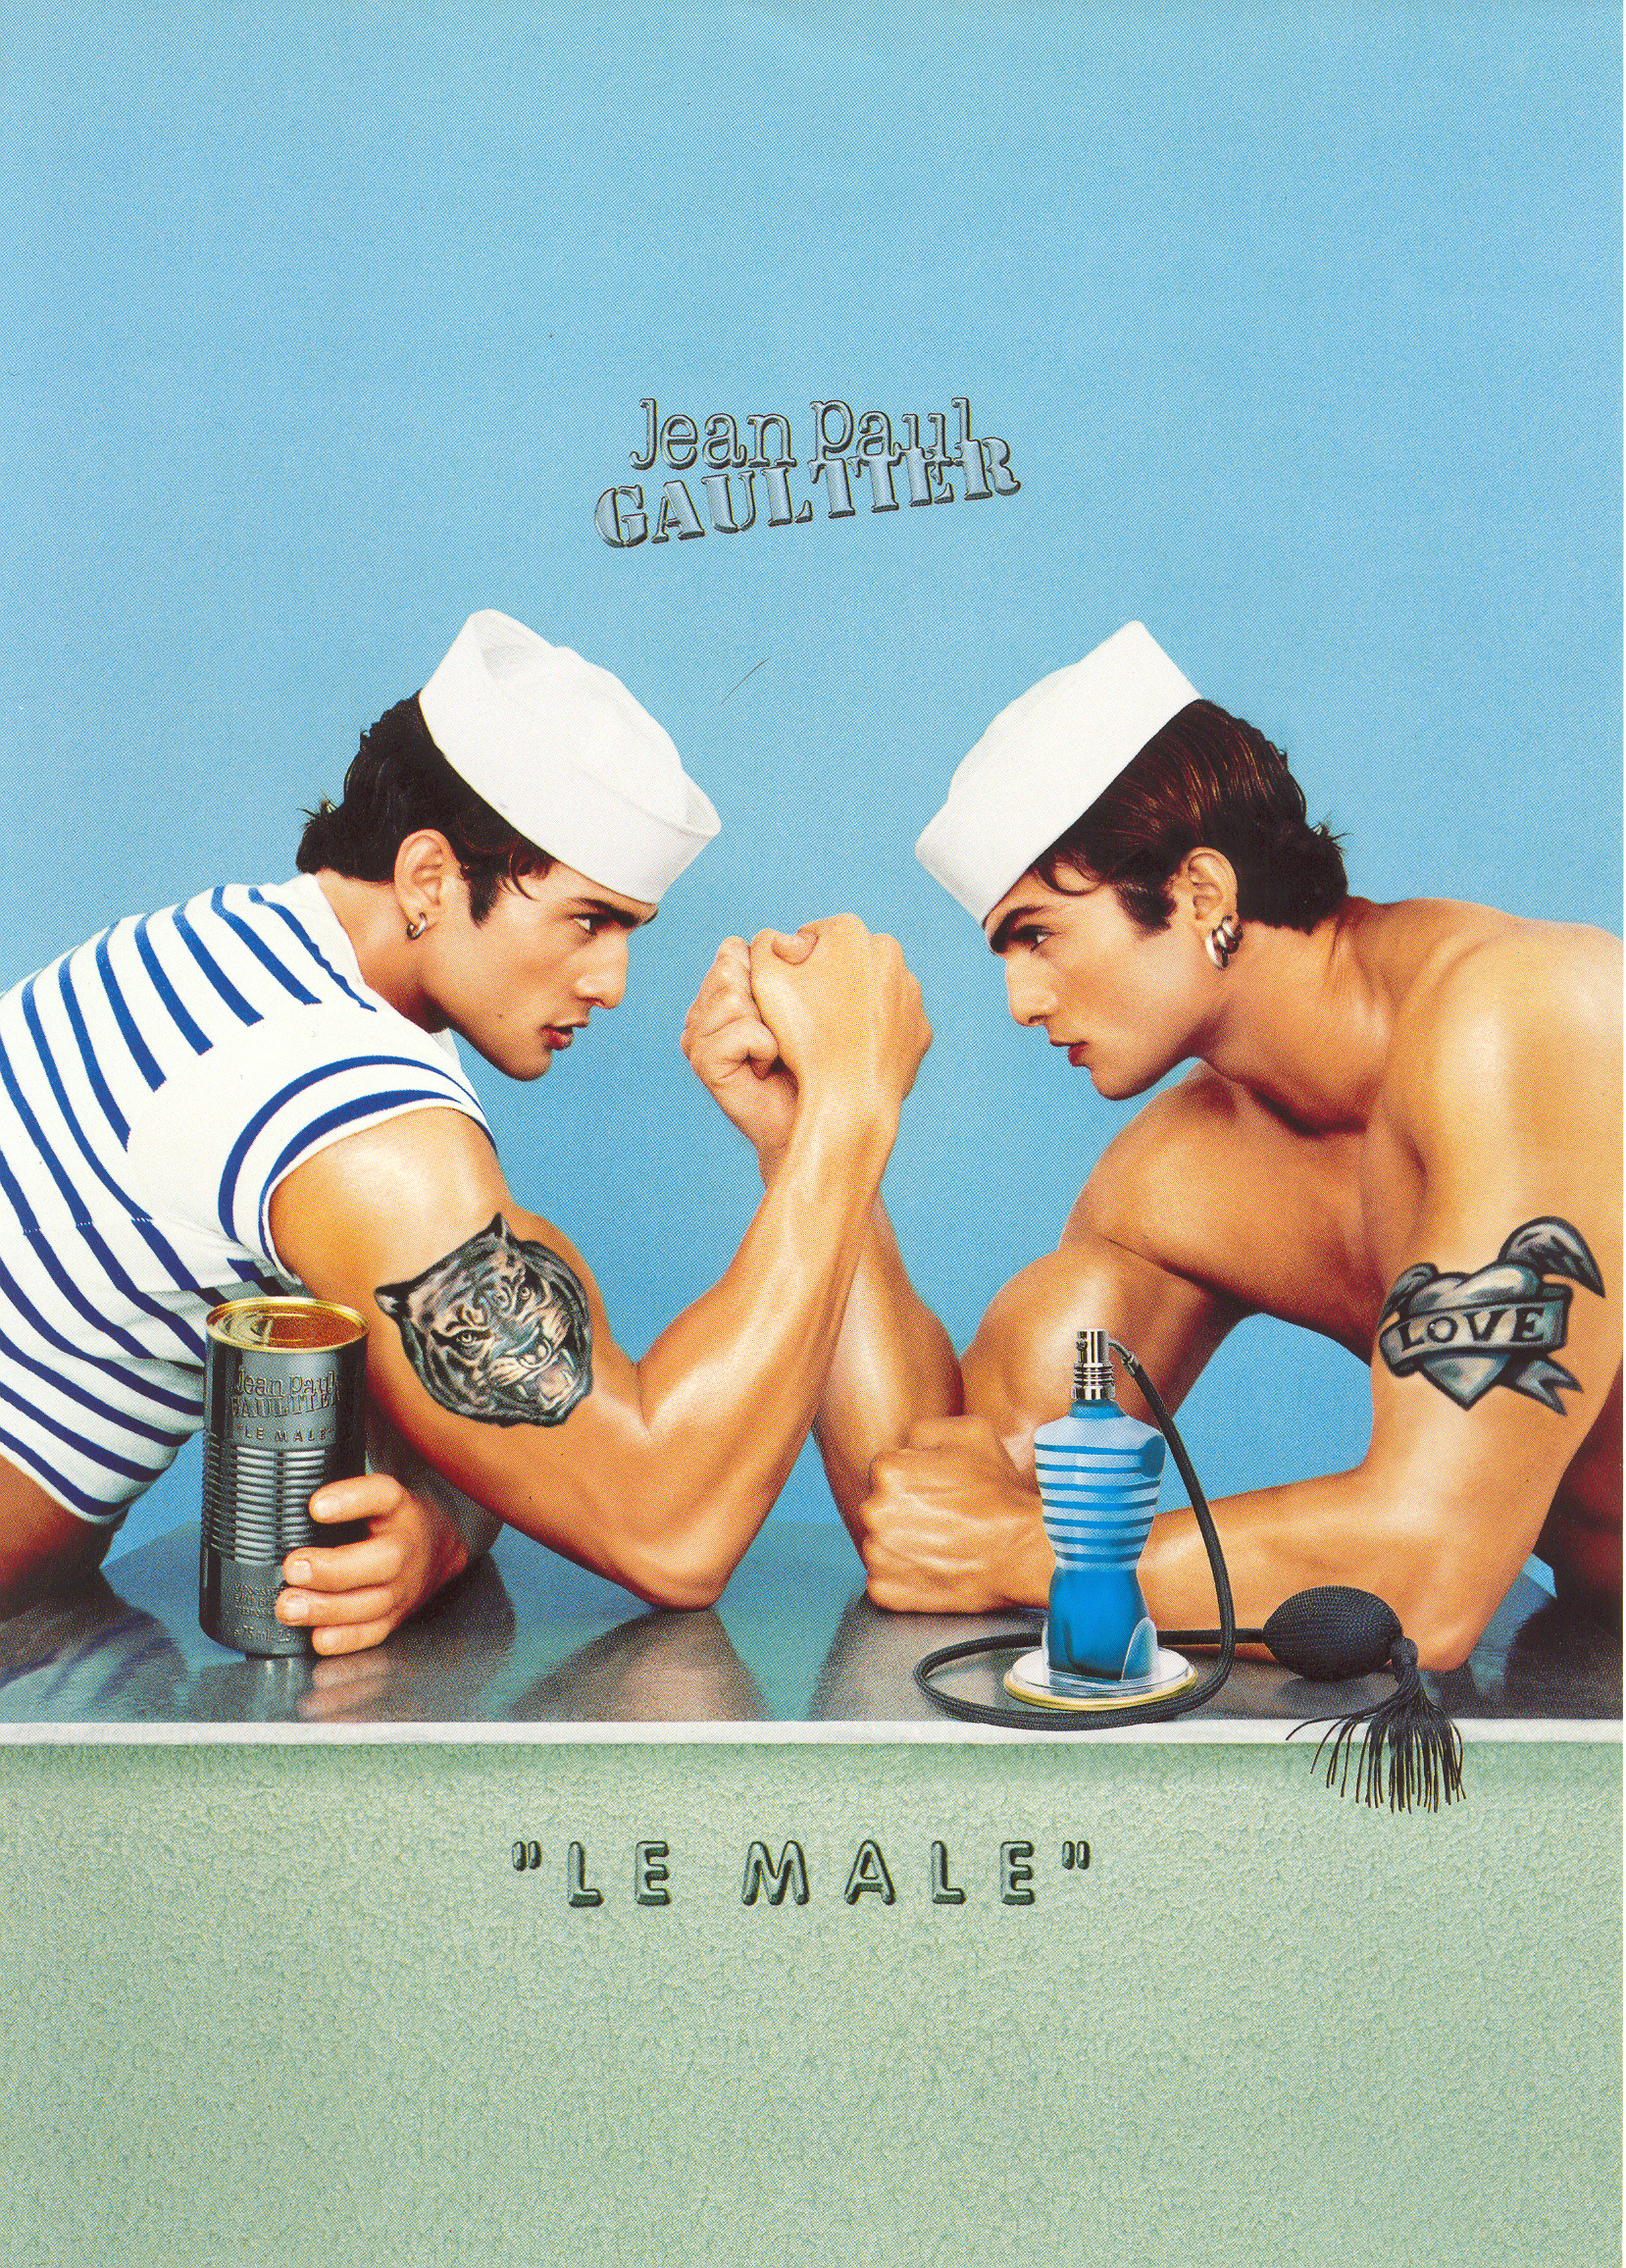 1995 1998%20 %20LE%20MALE%20%E2%95%95Jean Baptiste%20Mondino - Jean Paul Gaultier  celebra con mucho ORGULLO el 25 aniversario de LE MALE